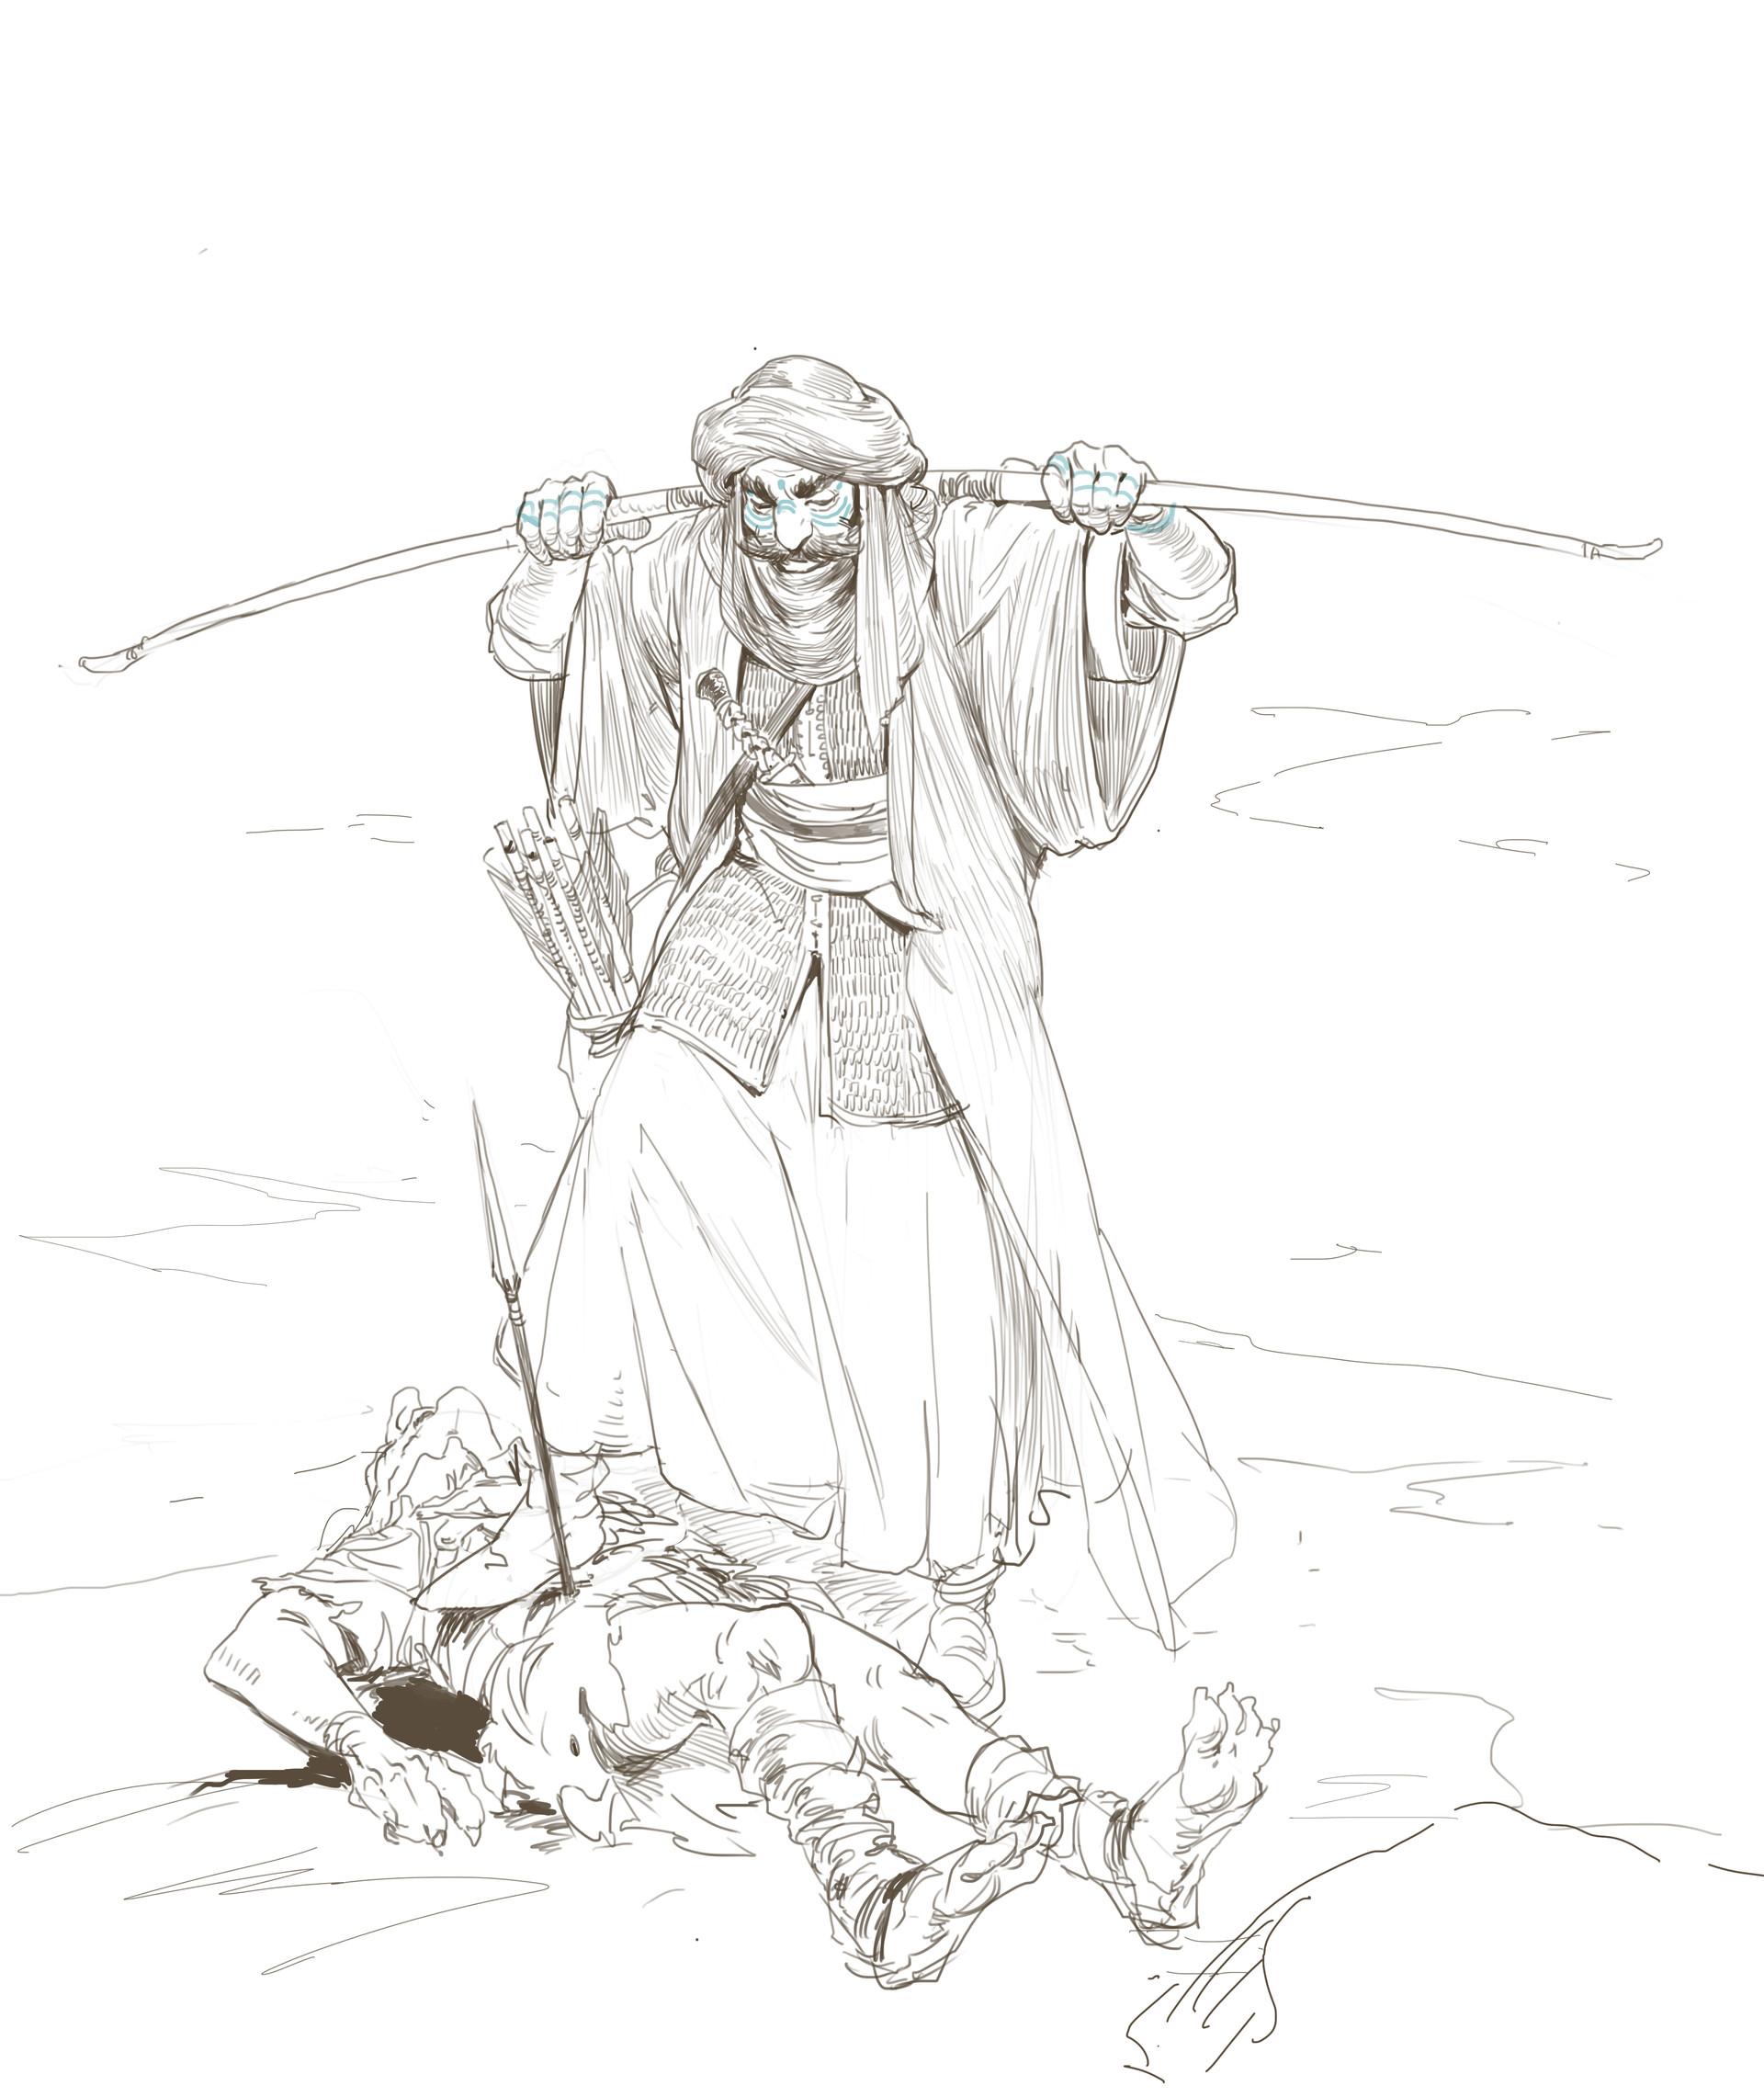 even-amundsen-69-the-hunt-begins.jpg